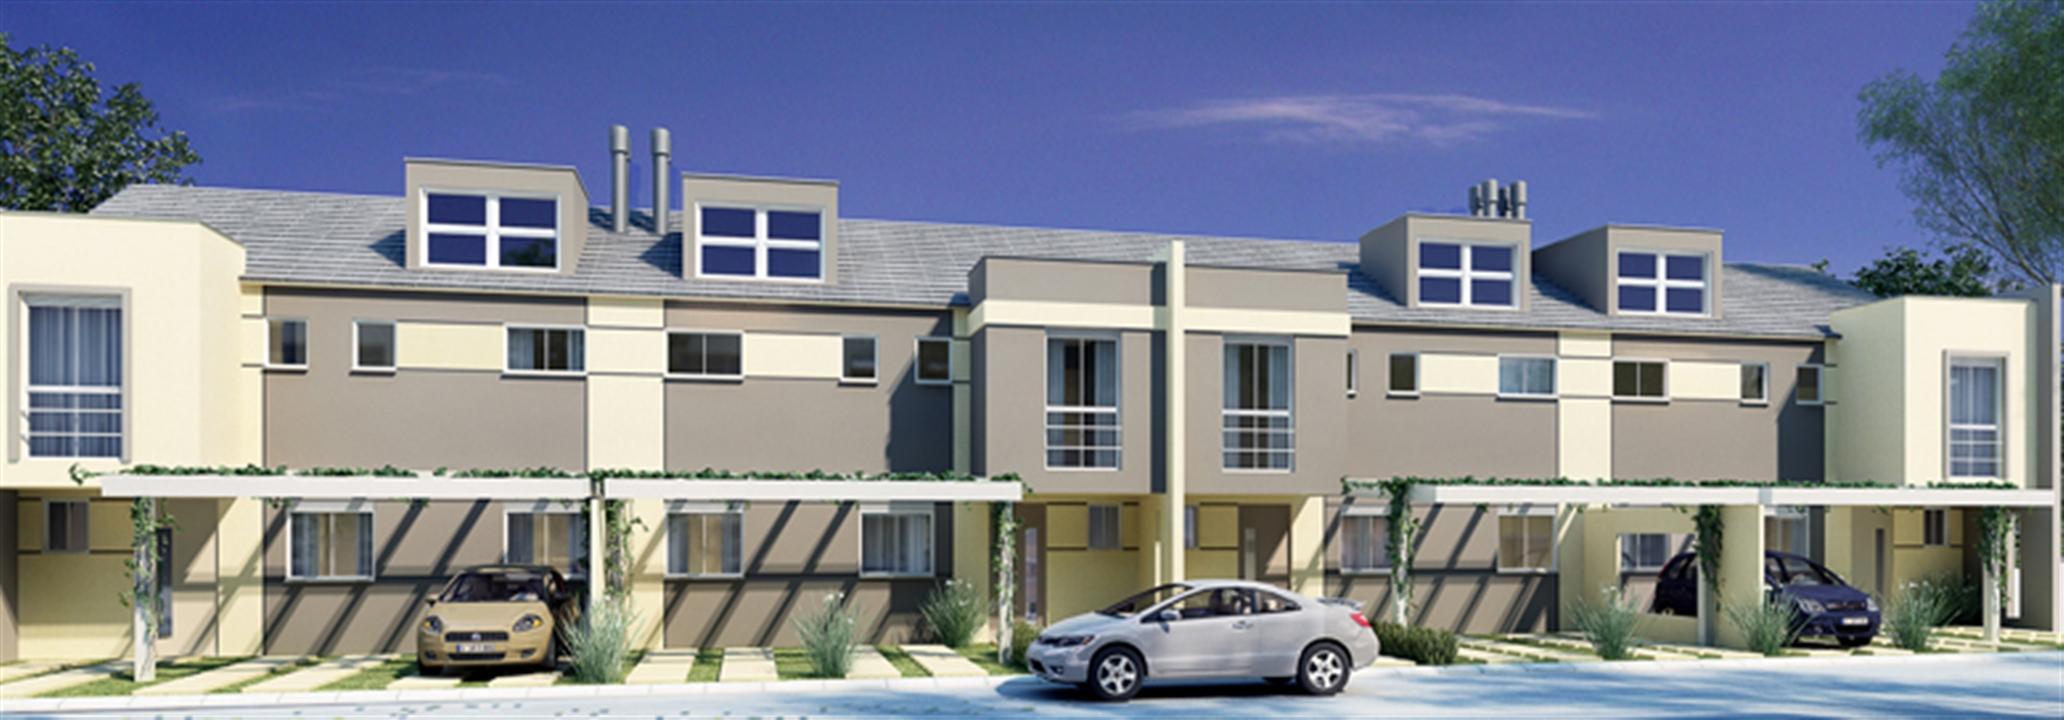 | Privilege Exclusive Houses - Casa no Canoas - Moinhos de Vento - Canoas - Rio Grande do Sul